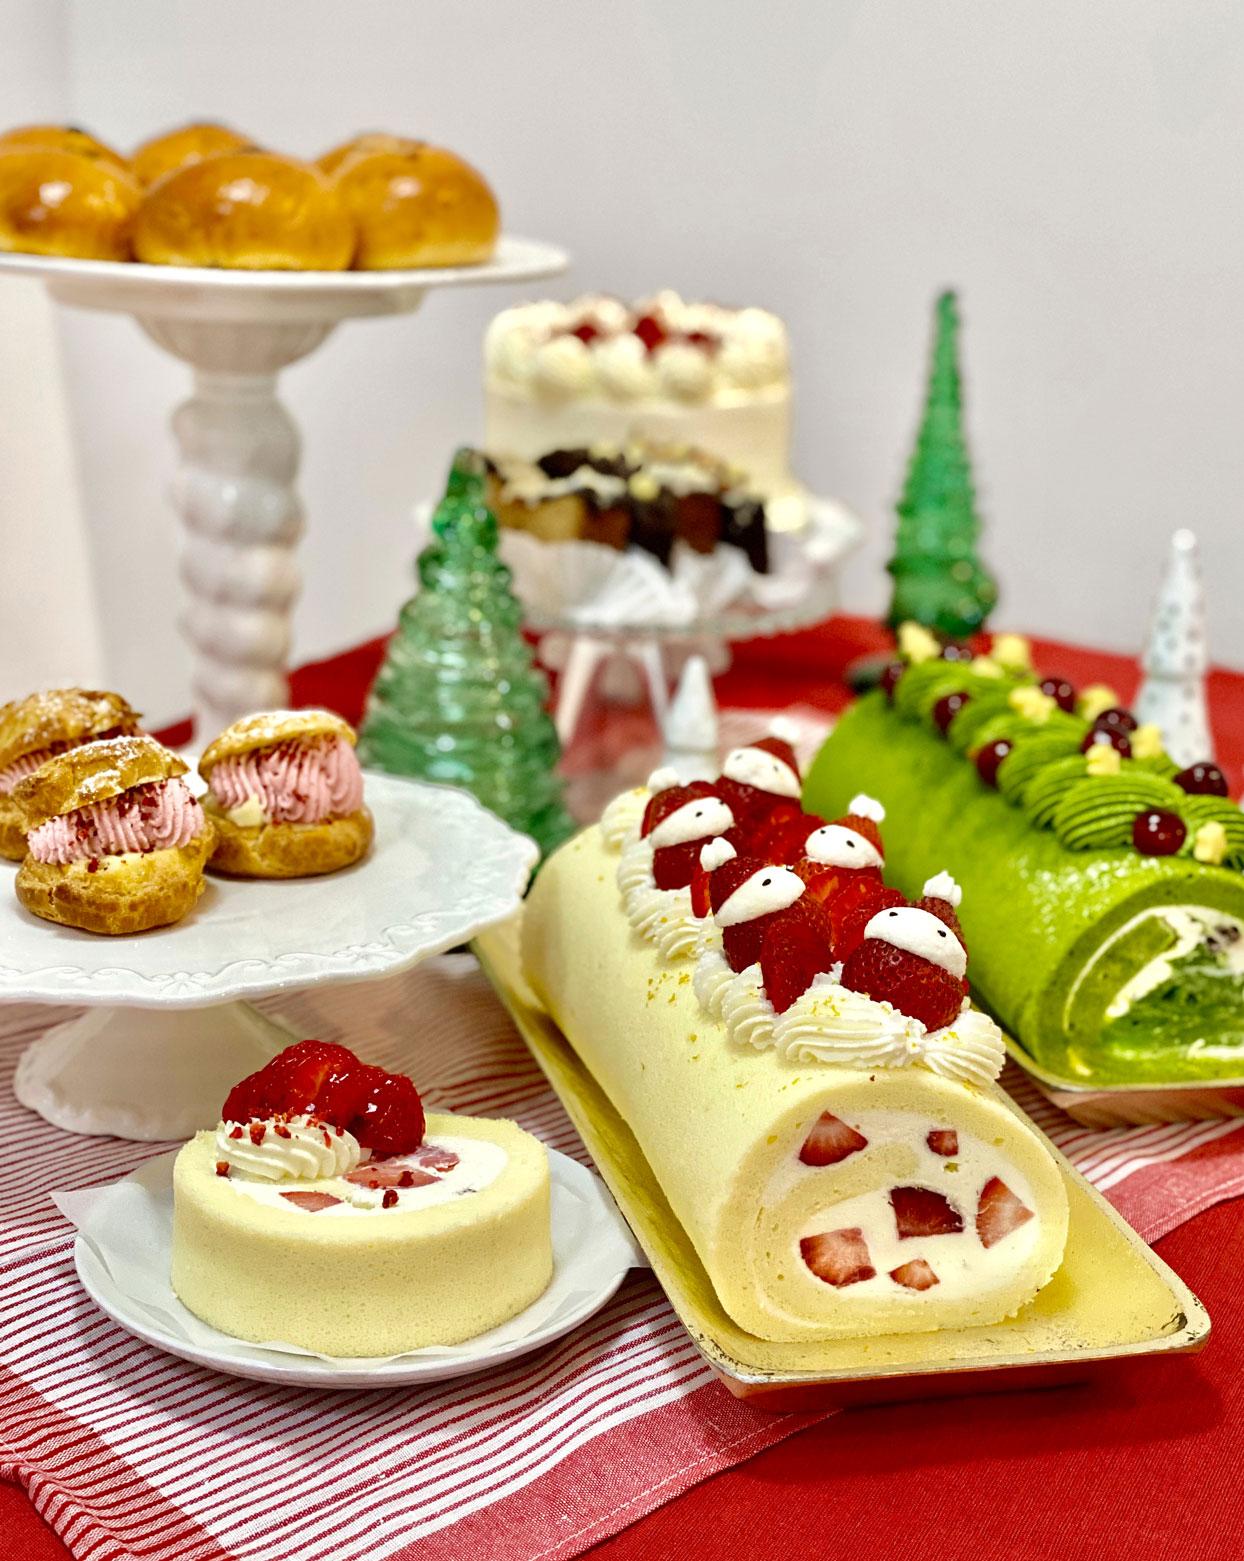 Suzu's Bakery dessert assortment